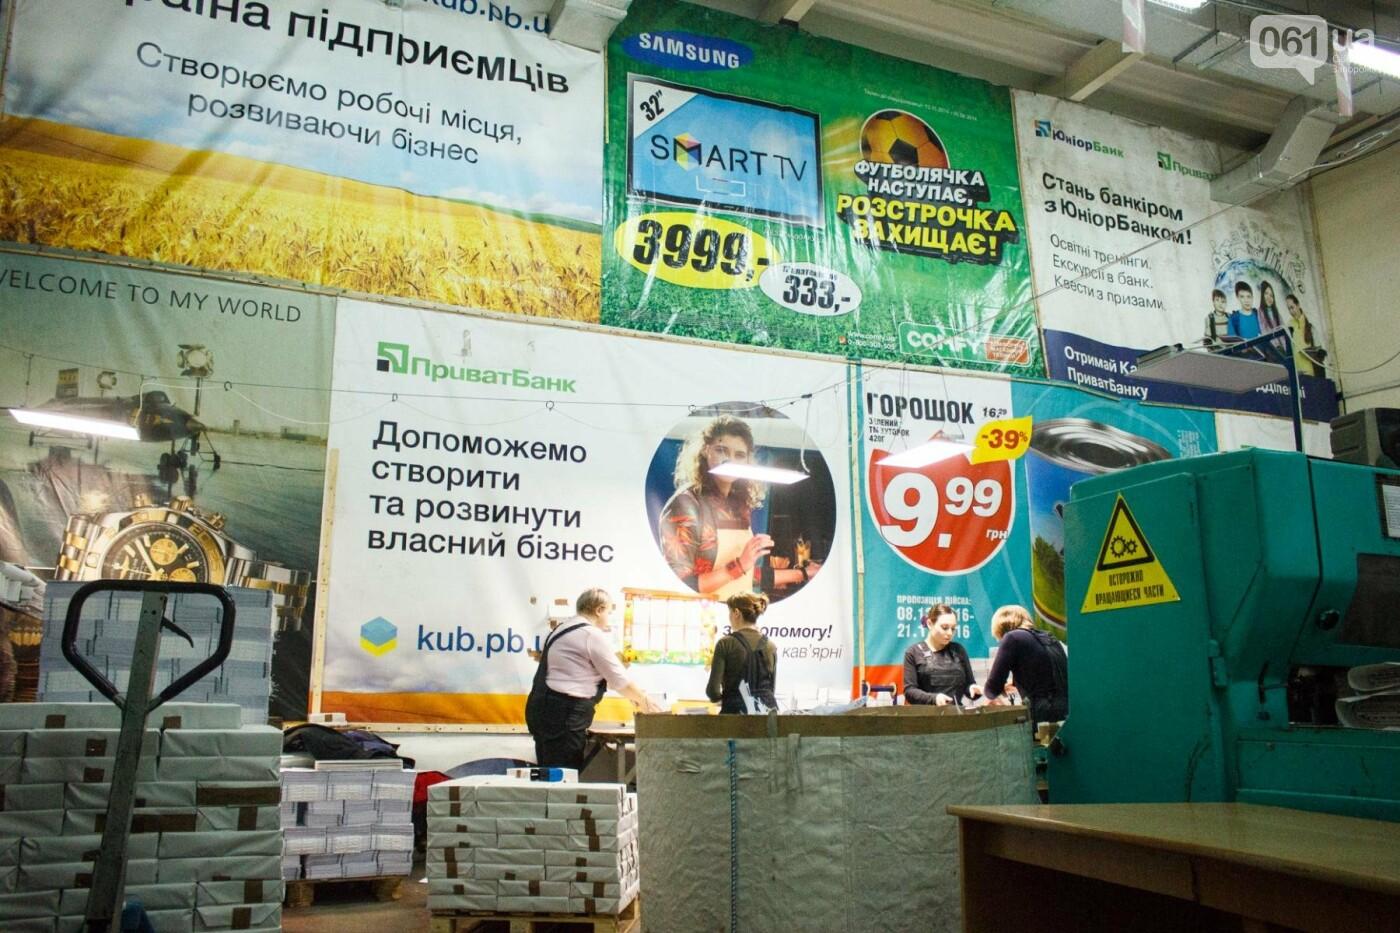 Как в Запорожье печатают газеты: экскурсия в типографию, - ФОТО, ВИДЕО, фото-27